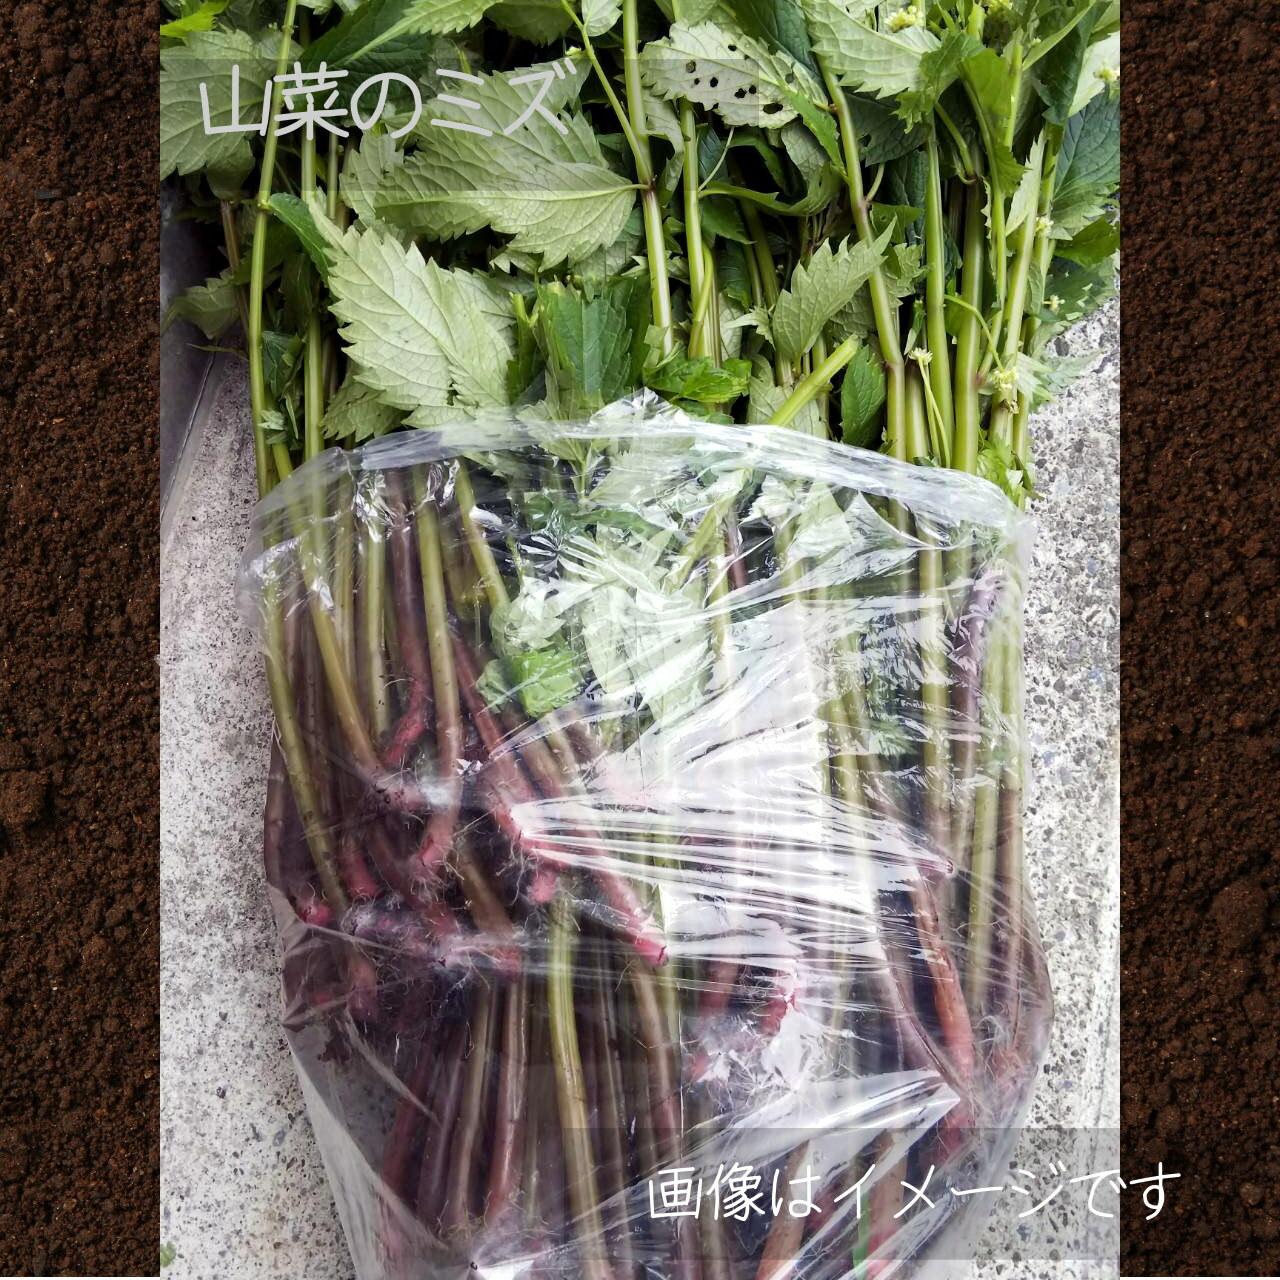 ミズ 1束 : 6月朝採り直売野菜 6月15日発送予定